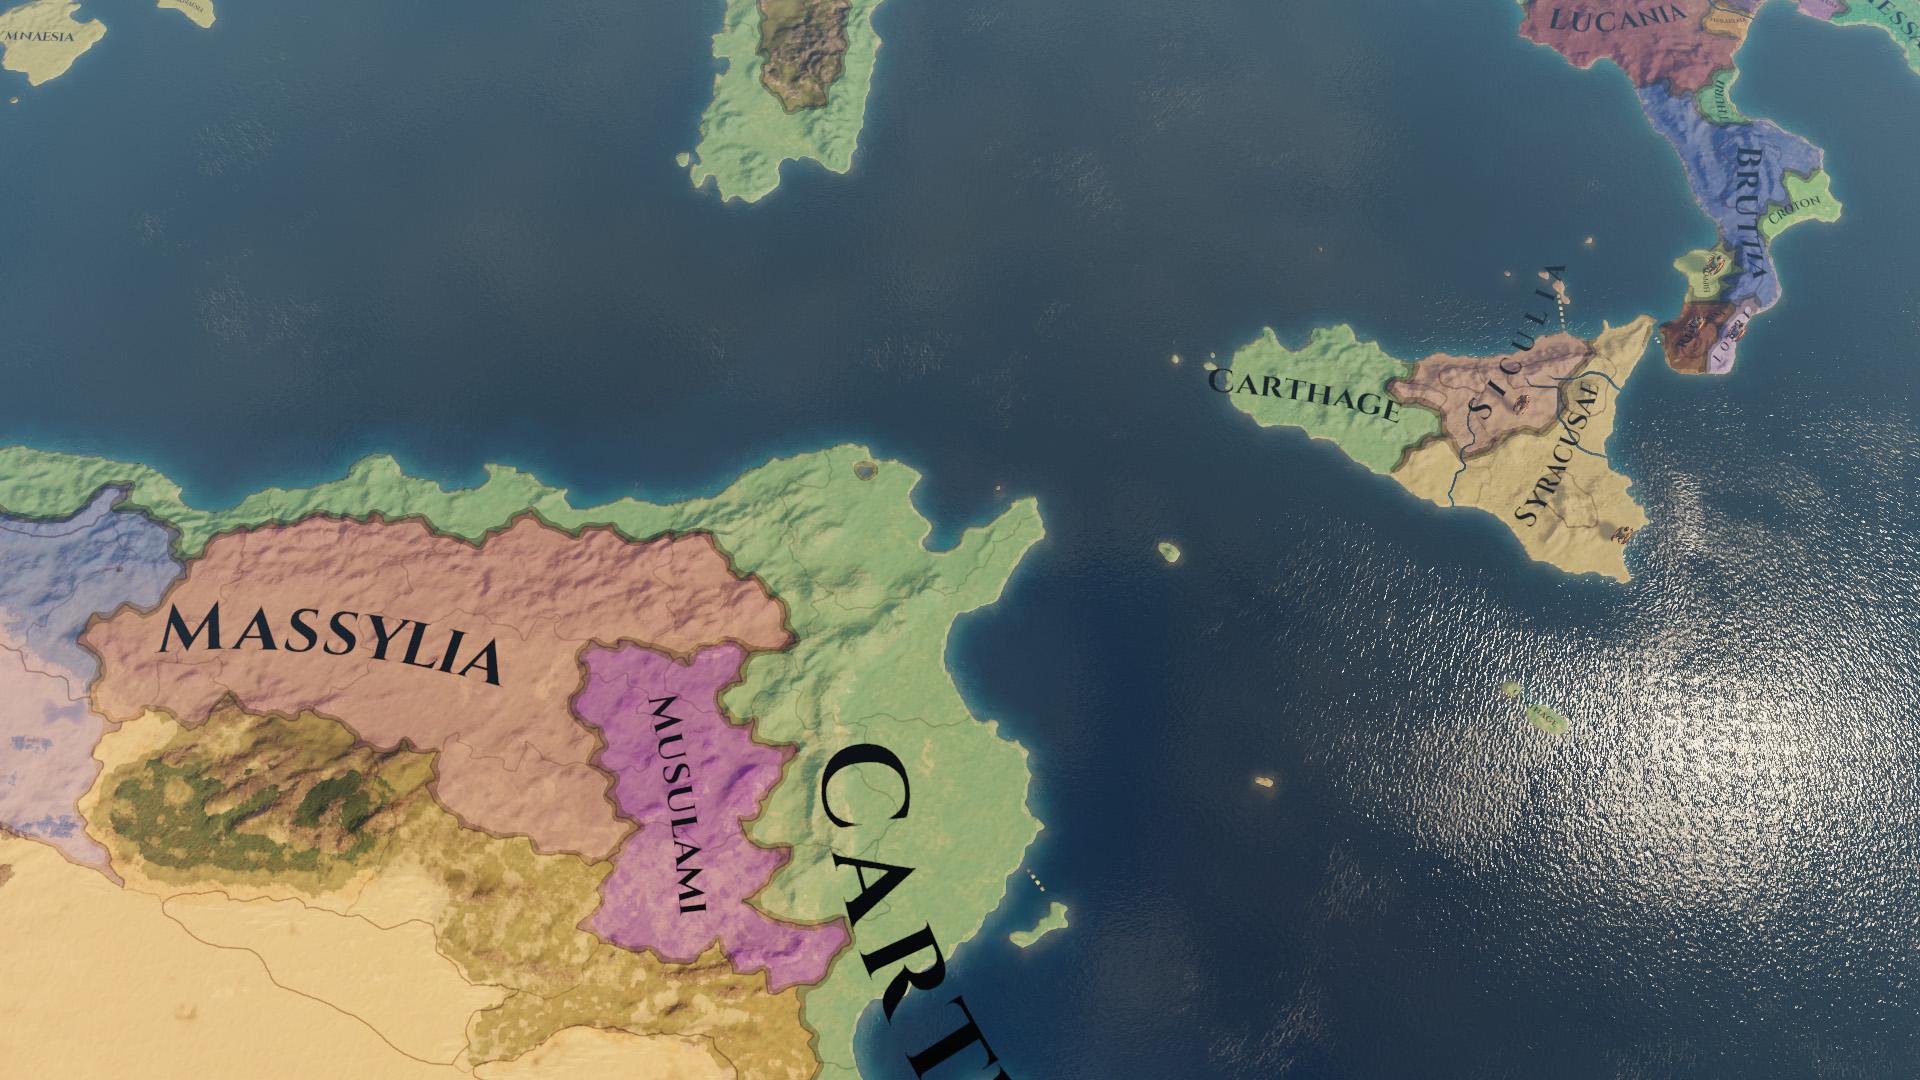 Sicily_and_Carthage.jpg